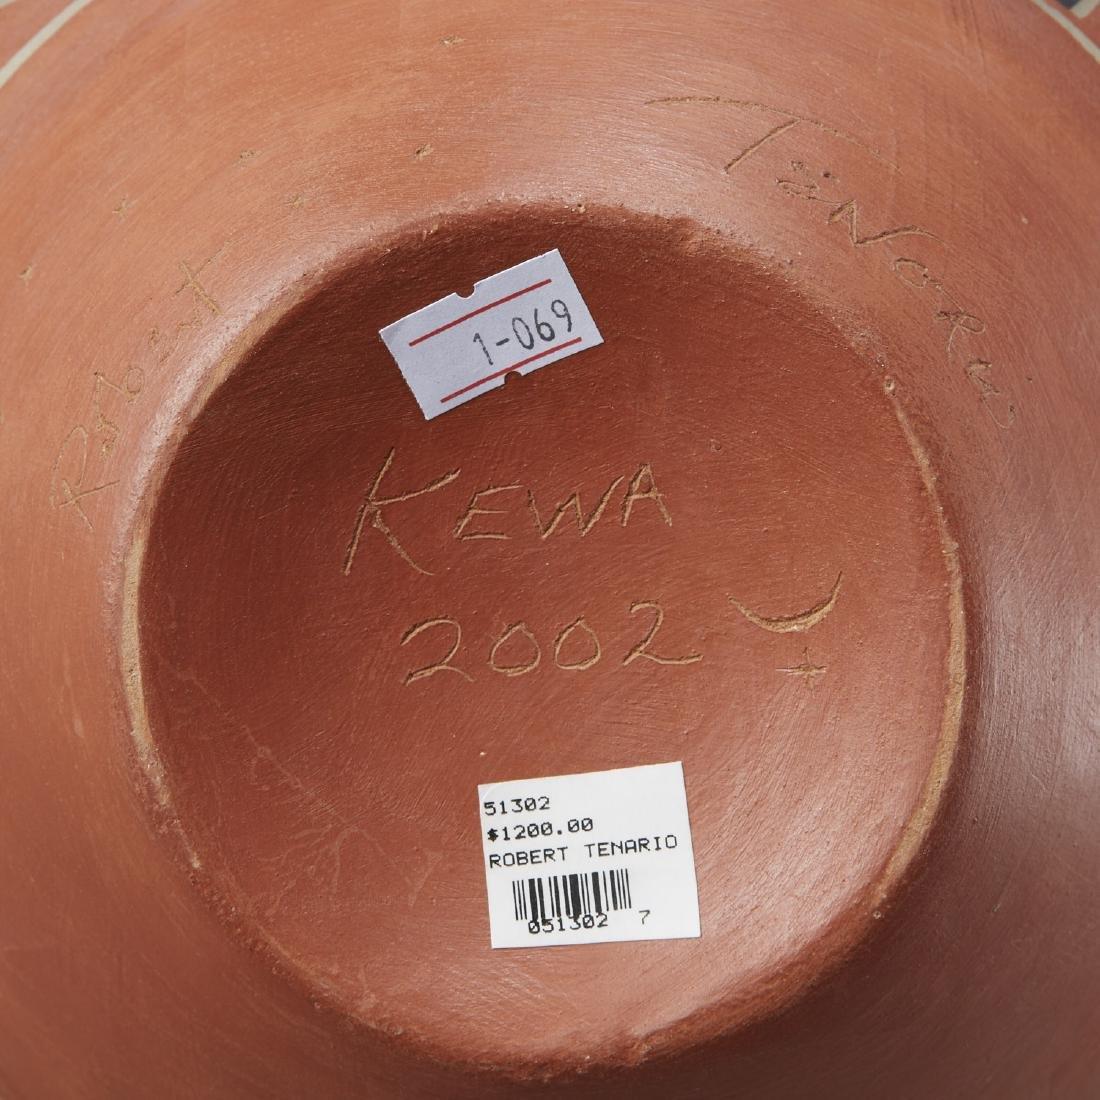 3 Tenorio Kewa Santo Domingo Pottery Jars - 6